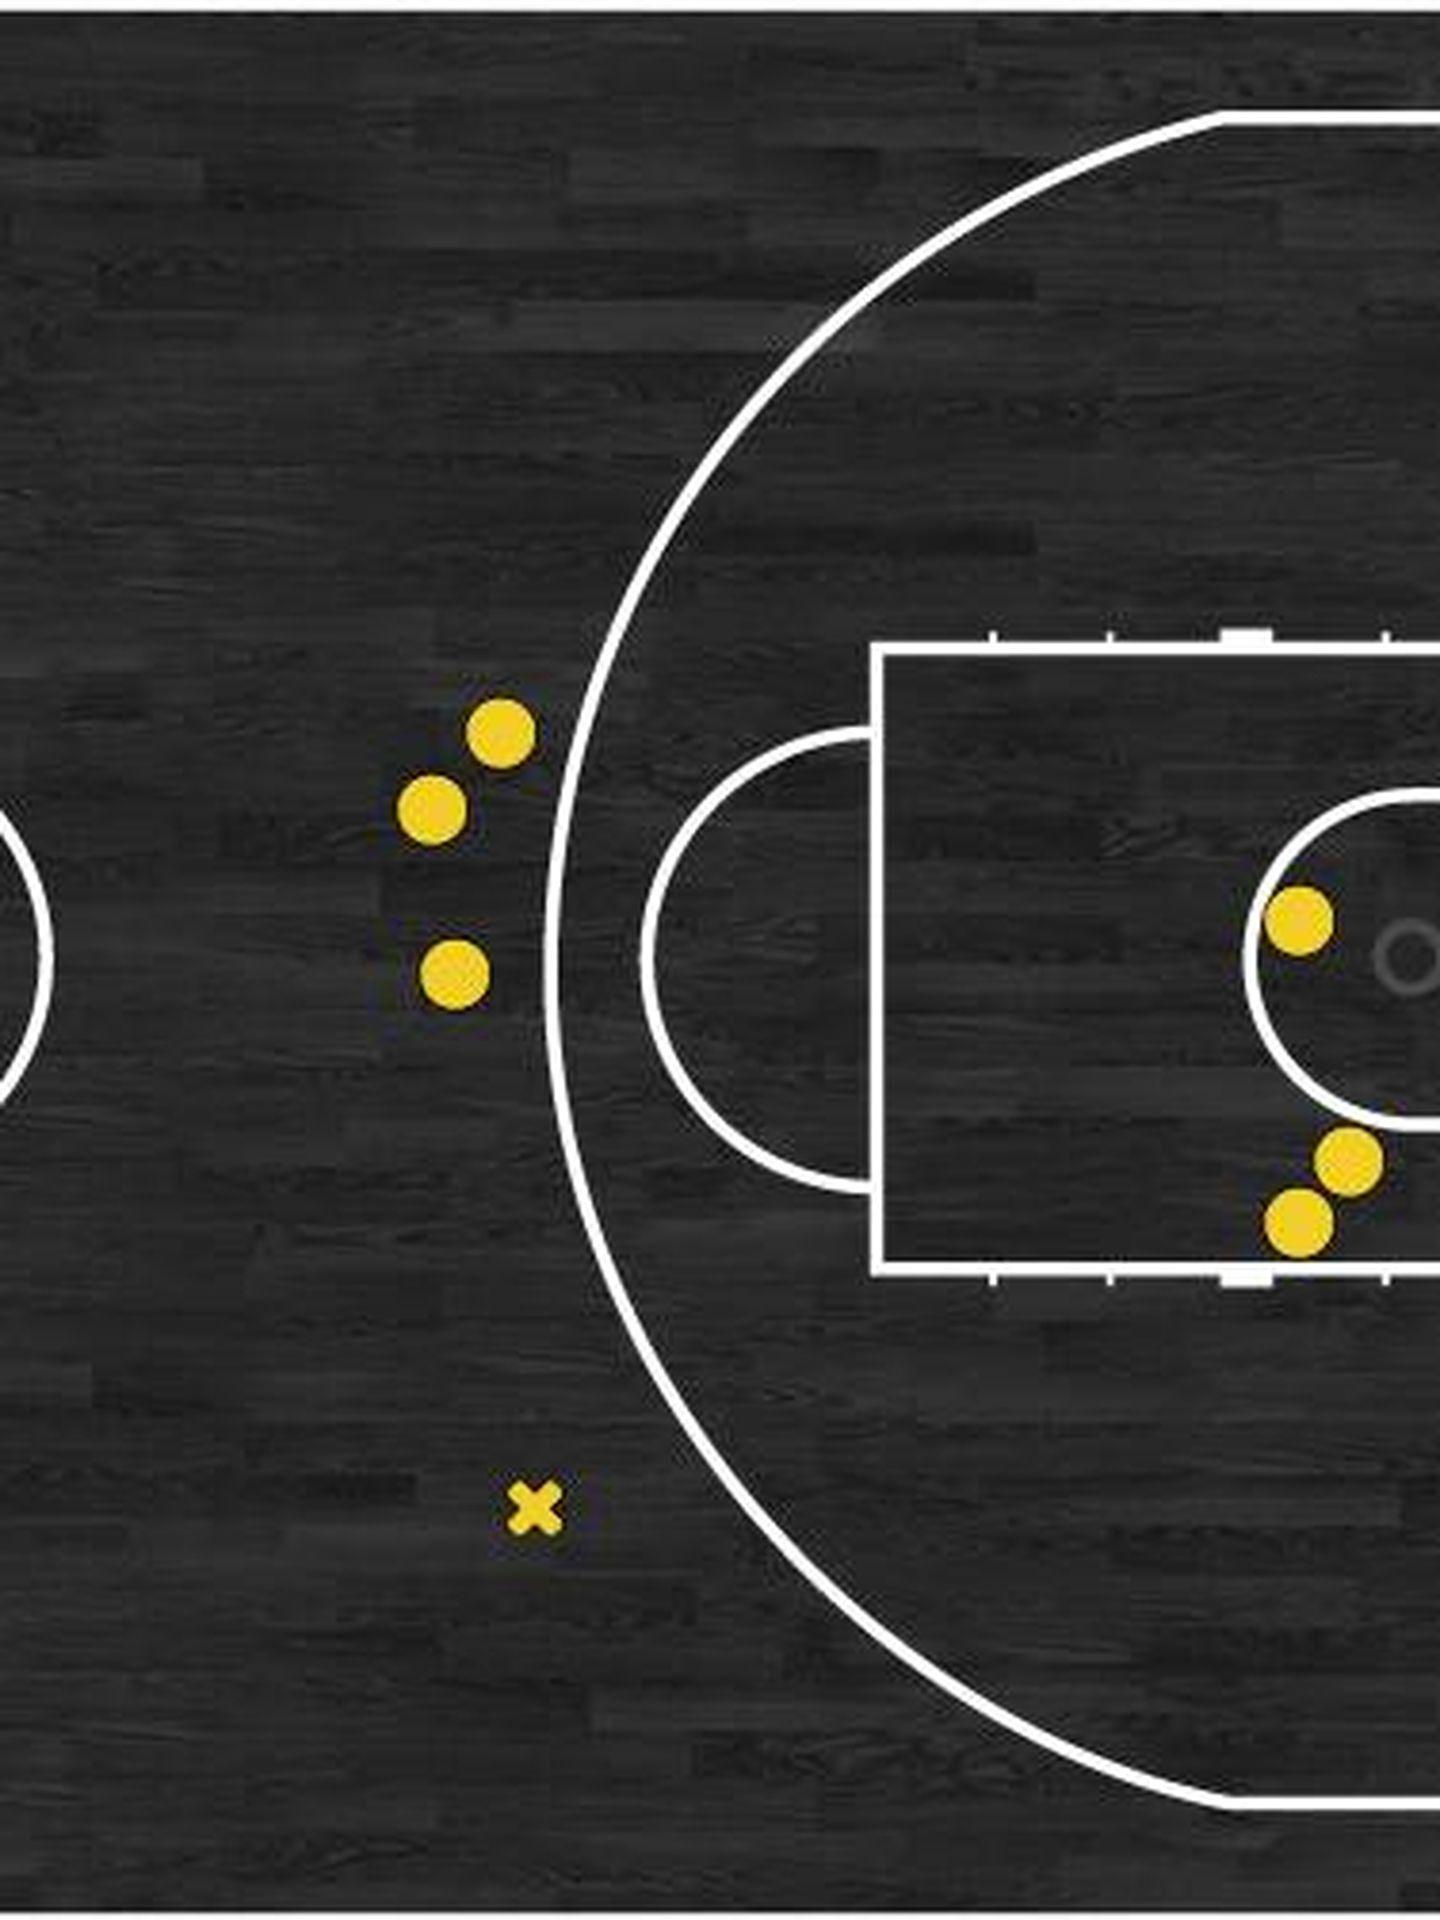 La carta de tiro de Marc Gasol en el tercer cuarto del Alemania-España del EuroBasket. (FIBA)